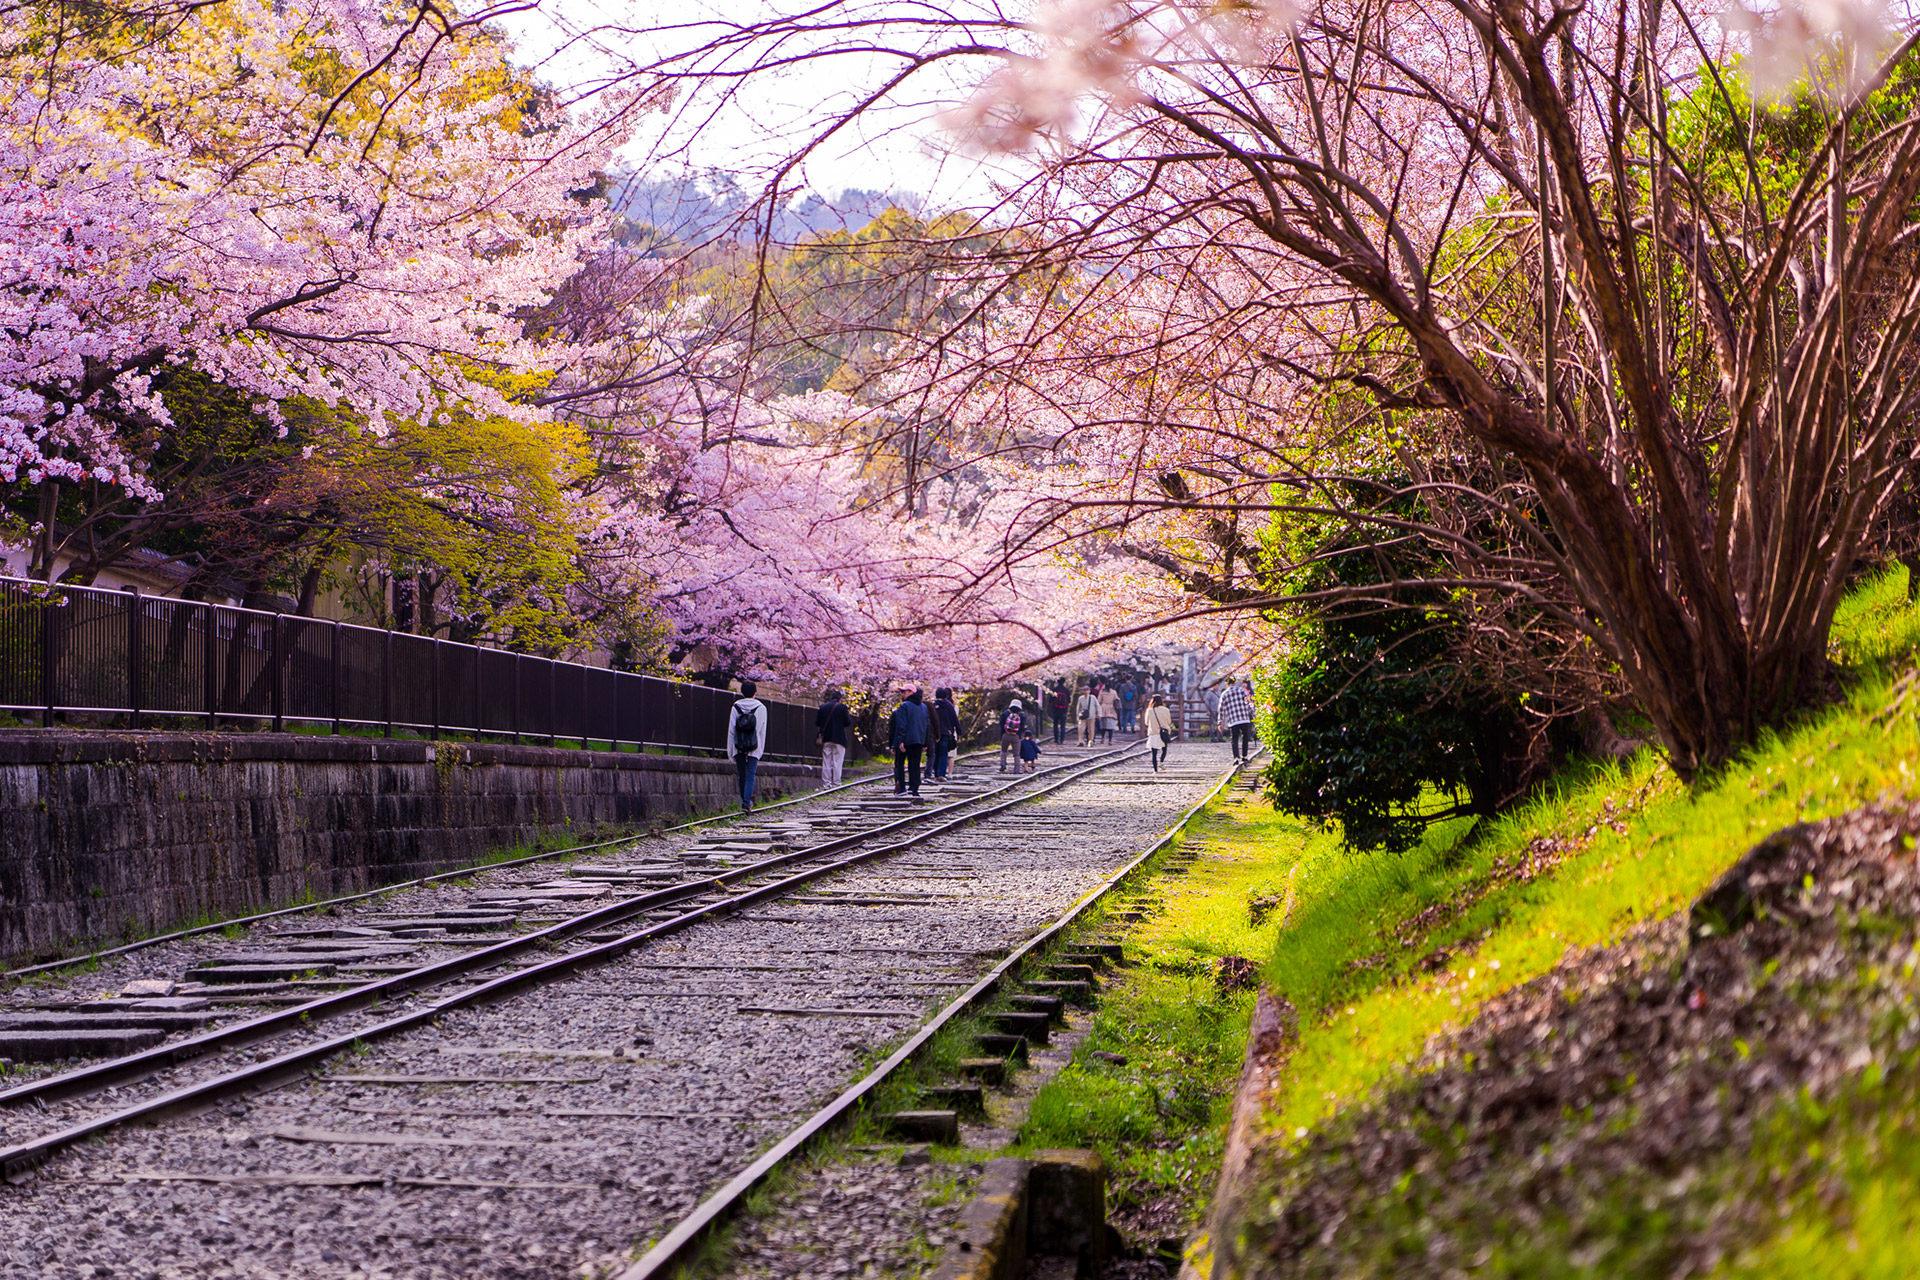 從線路上看到的櫻花景色